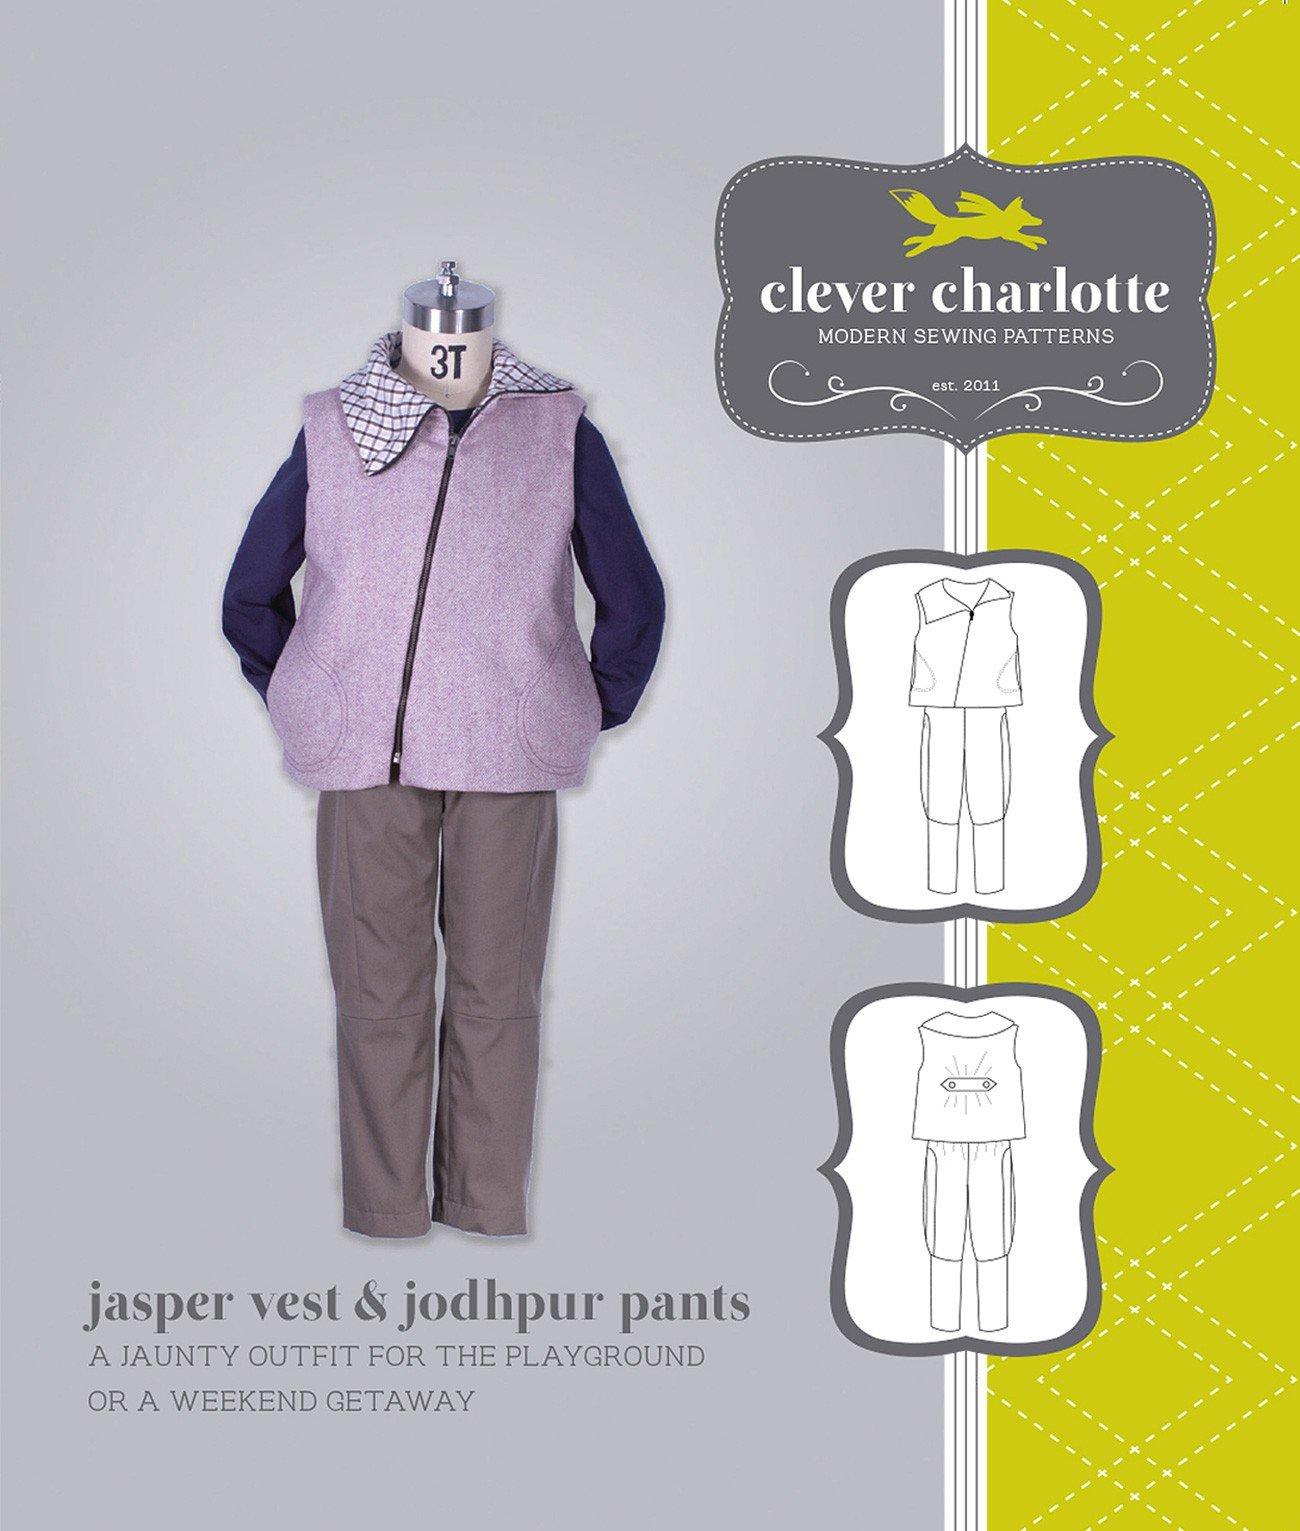 Jasper Vest & Jodhpur Pants